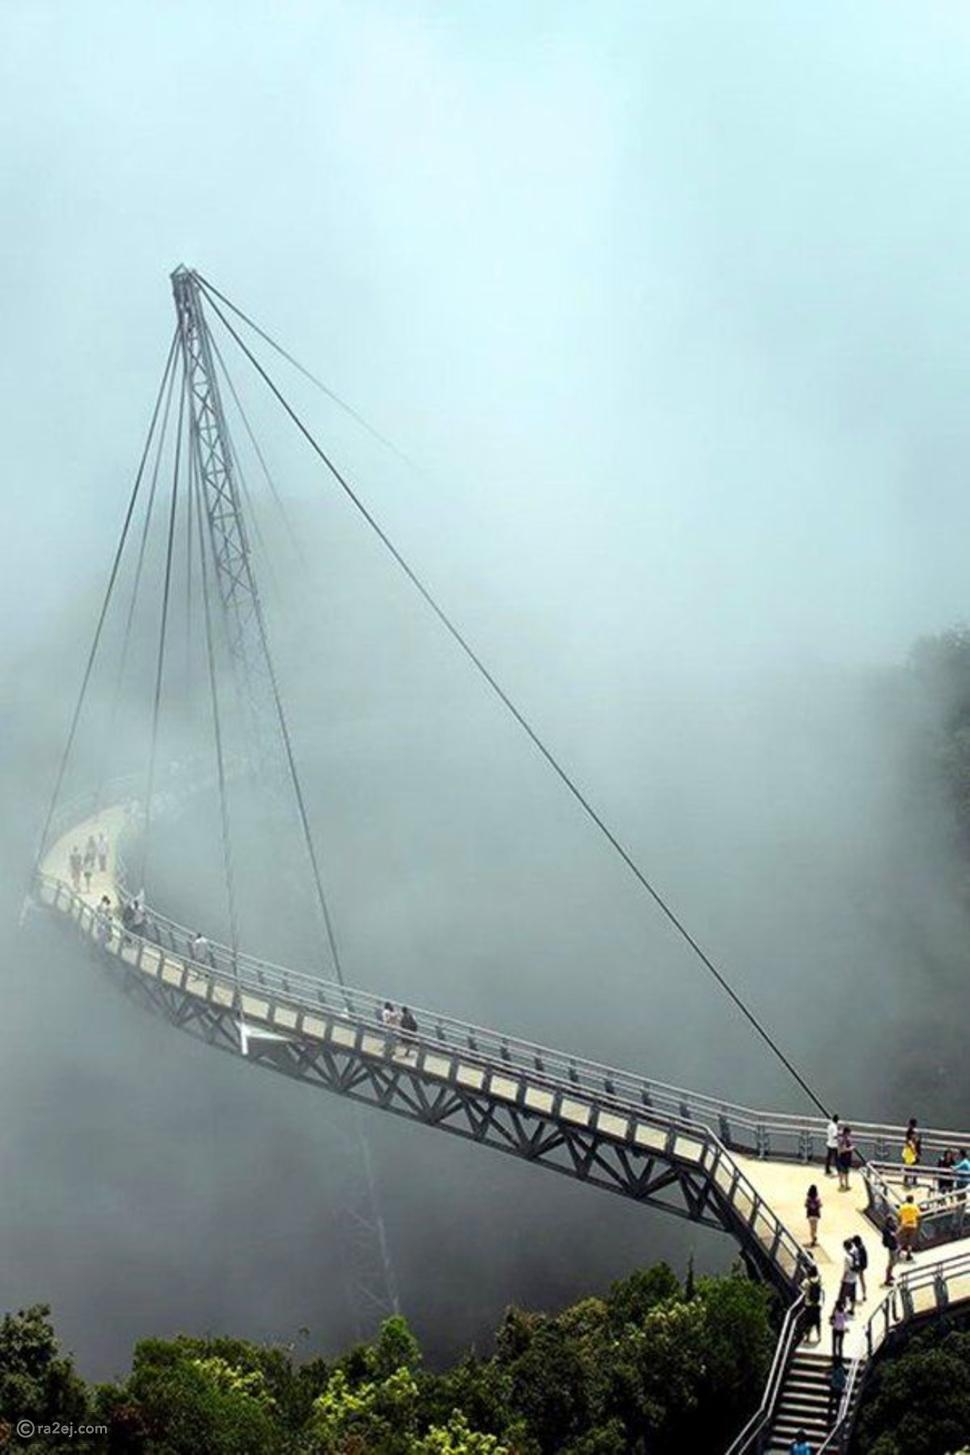 أفضل 10 جسور مذهلة بشكل مرعب في العالم